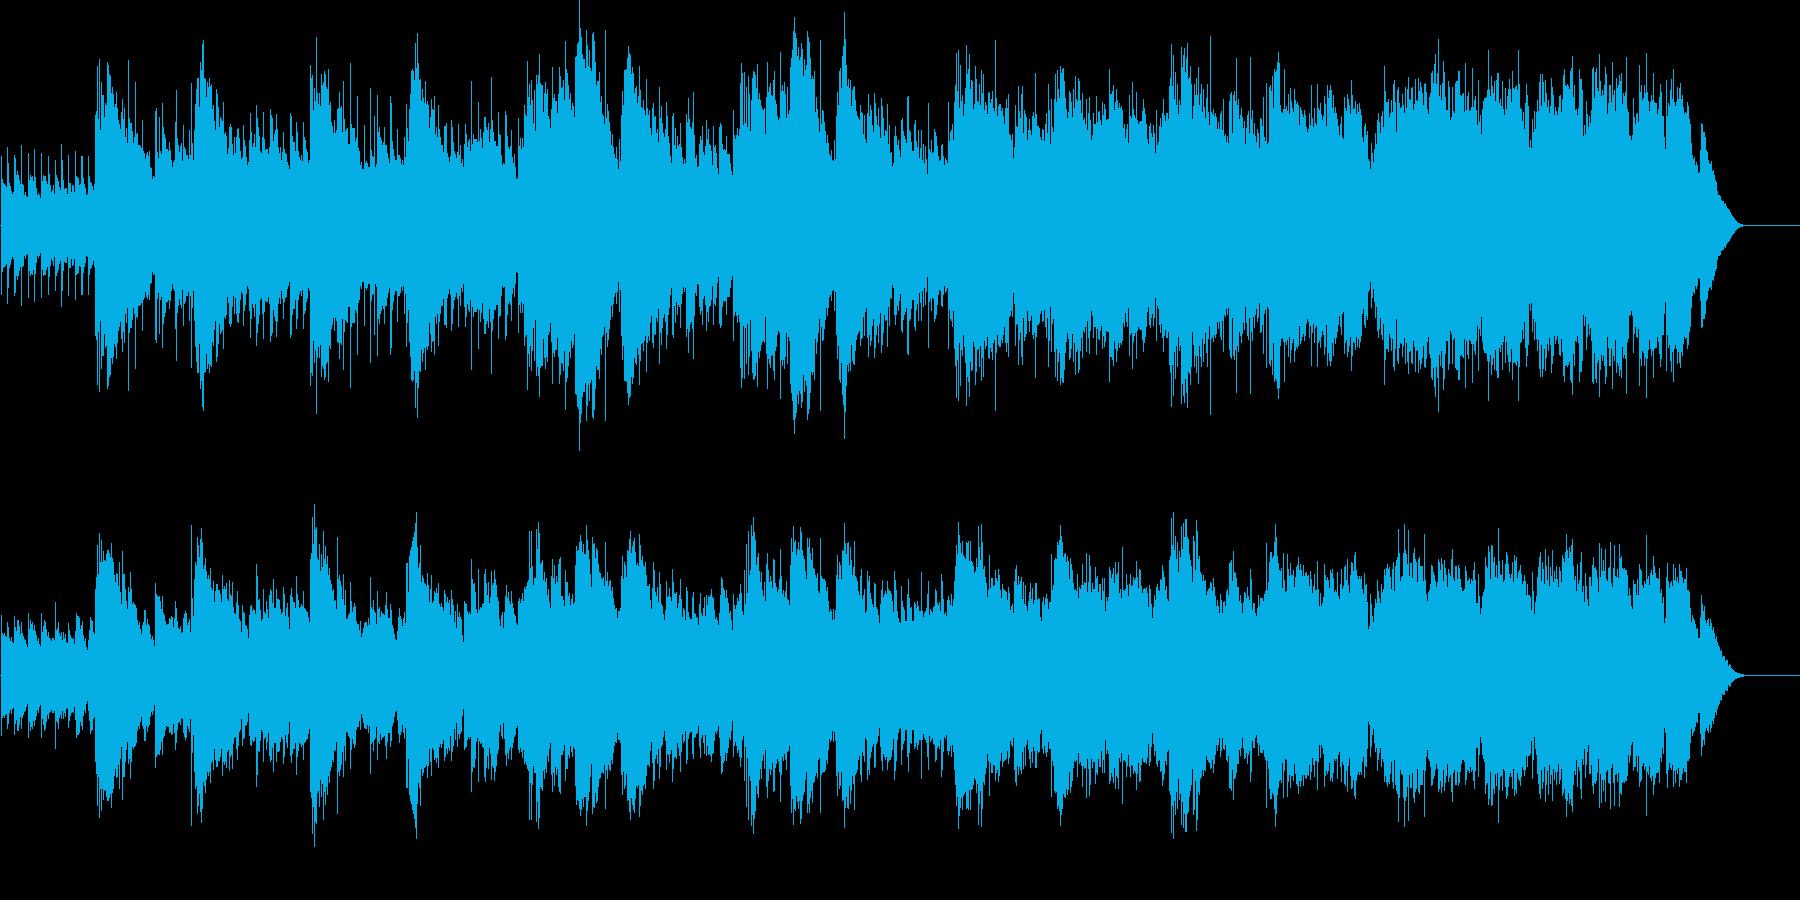 第6曲 中国の踊り(オルゴール)の再生済みの波形